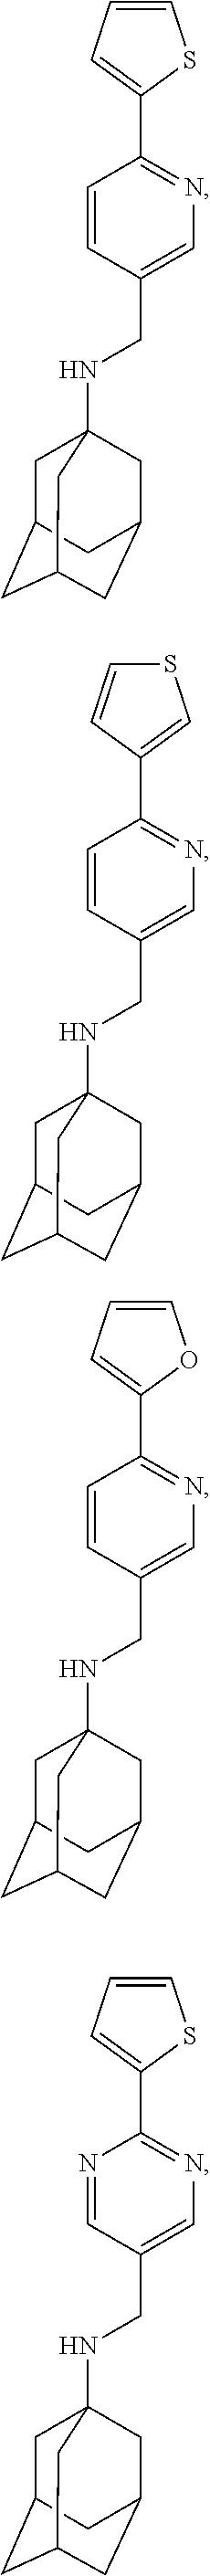 Figure US09884832-20180206-C00142